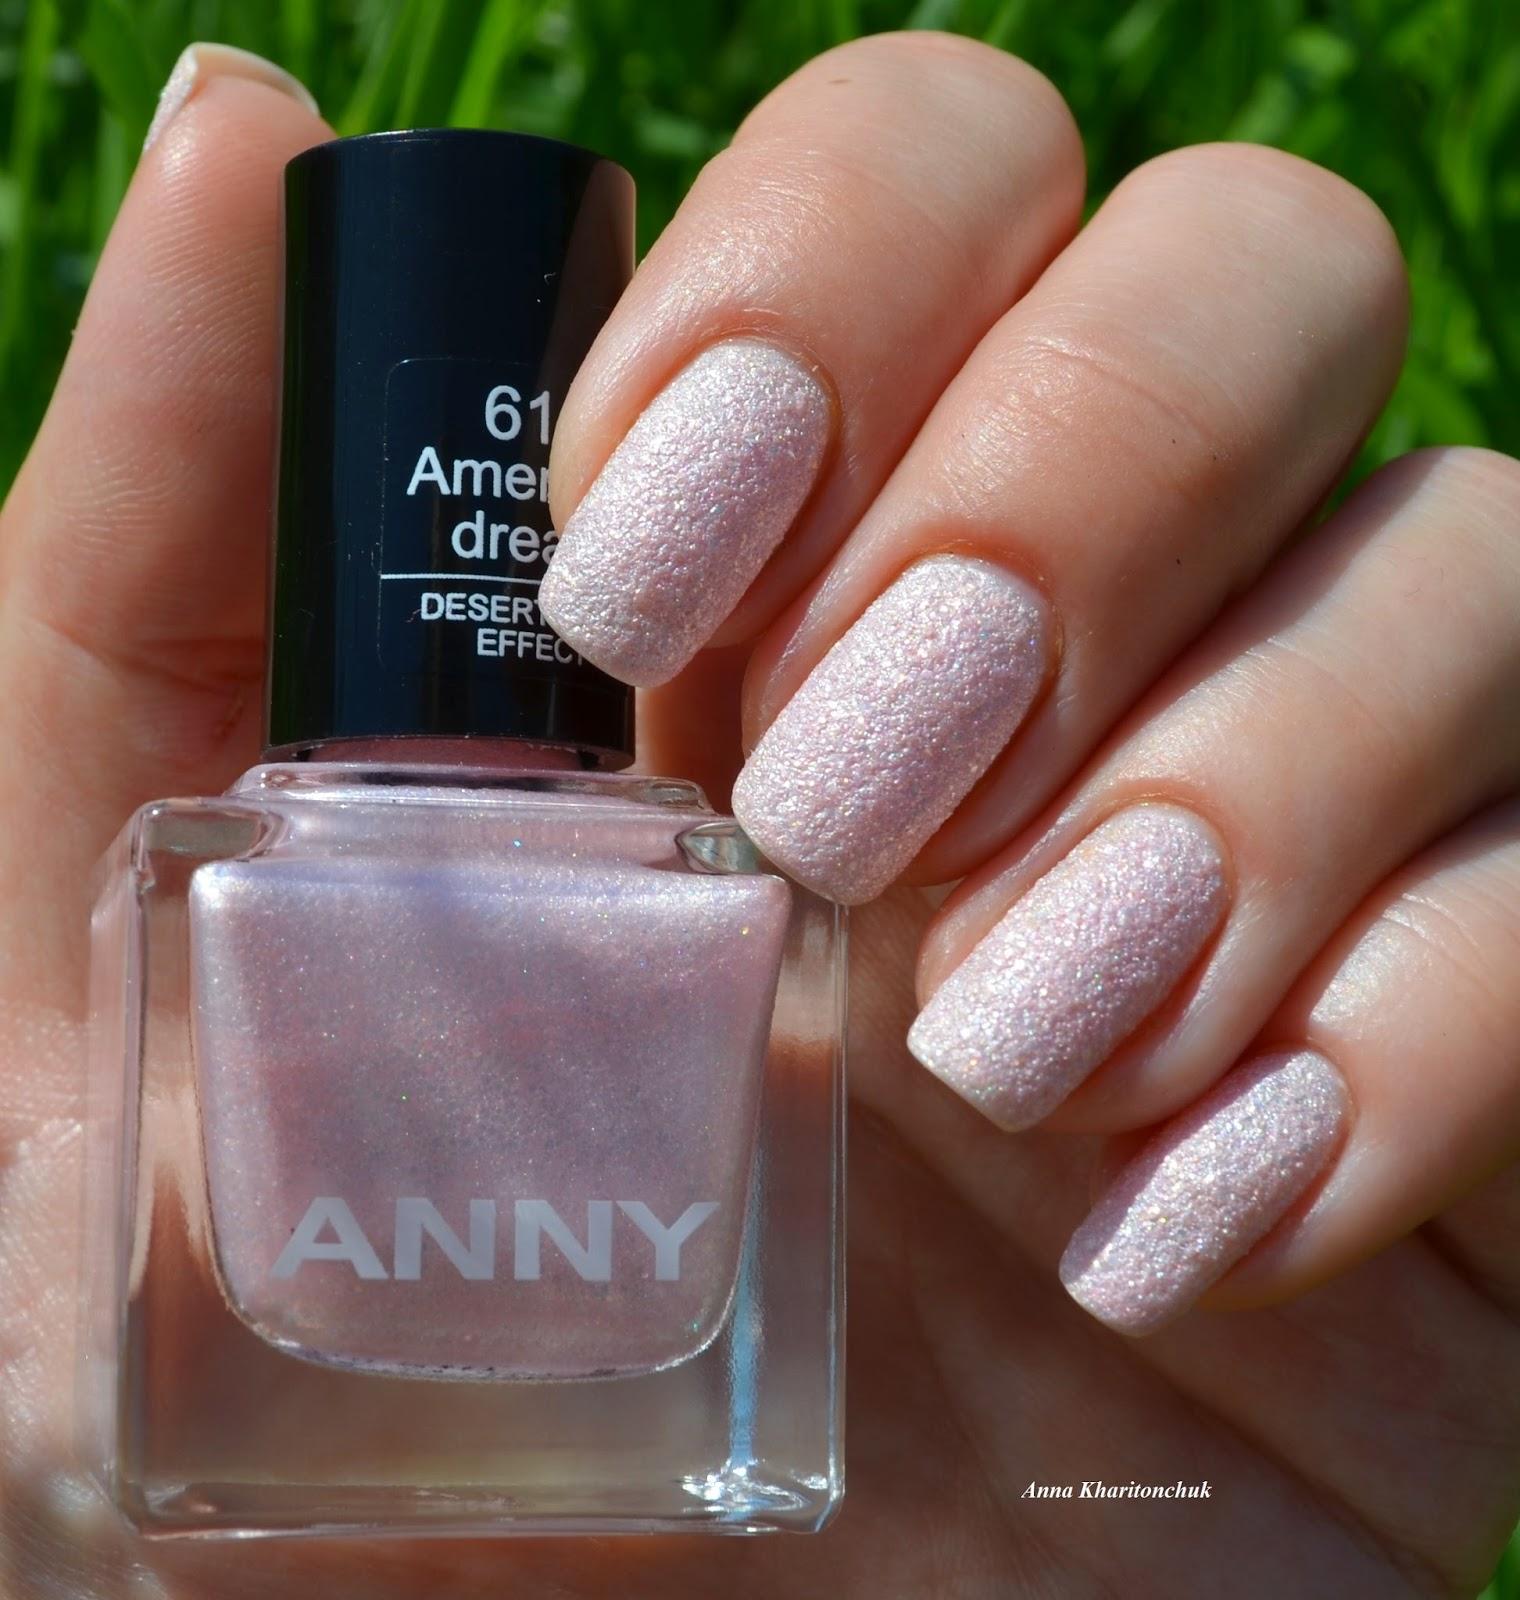 Anny American dream # 610